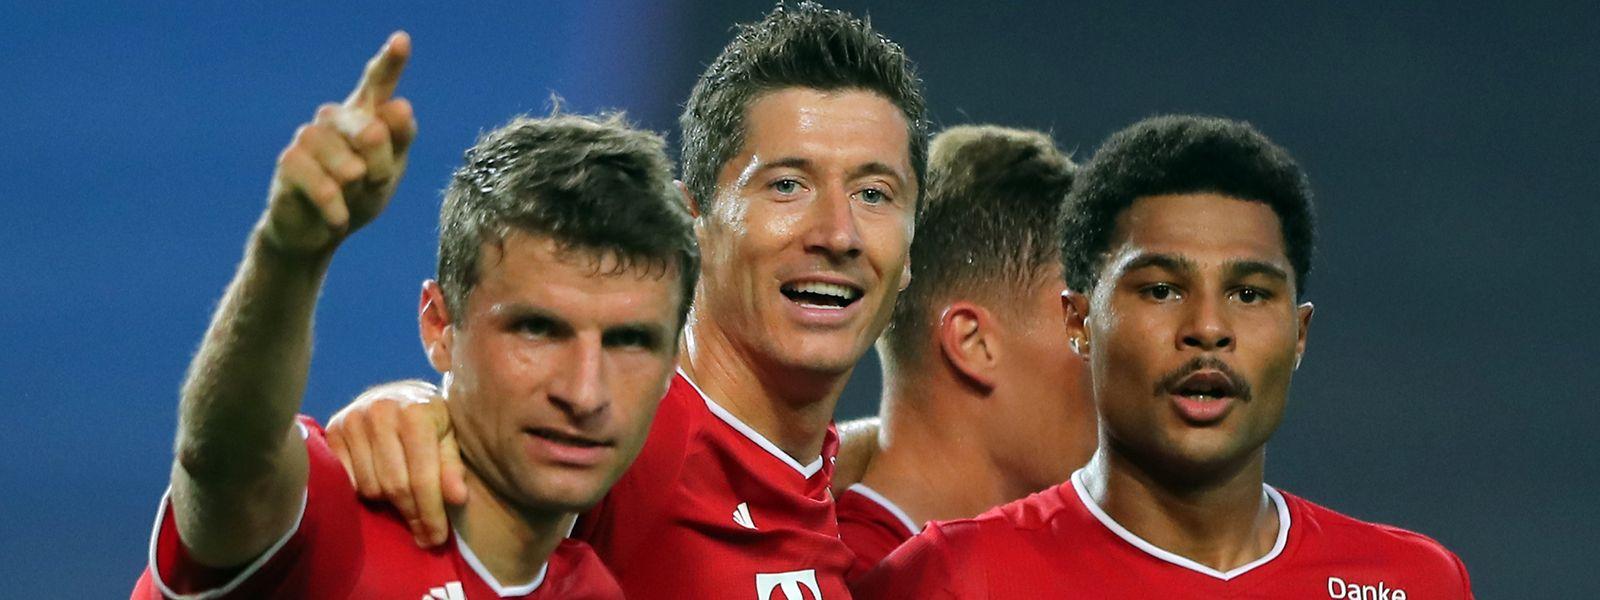 Avec Müller, Lewandowski et Gnabry, le Bayern Munich vise une sixième Ligue des champions